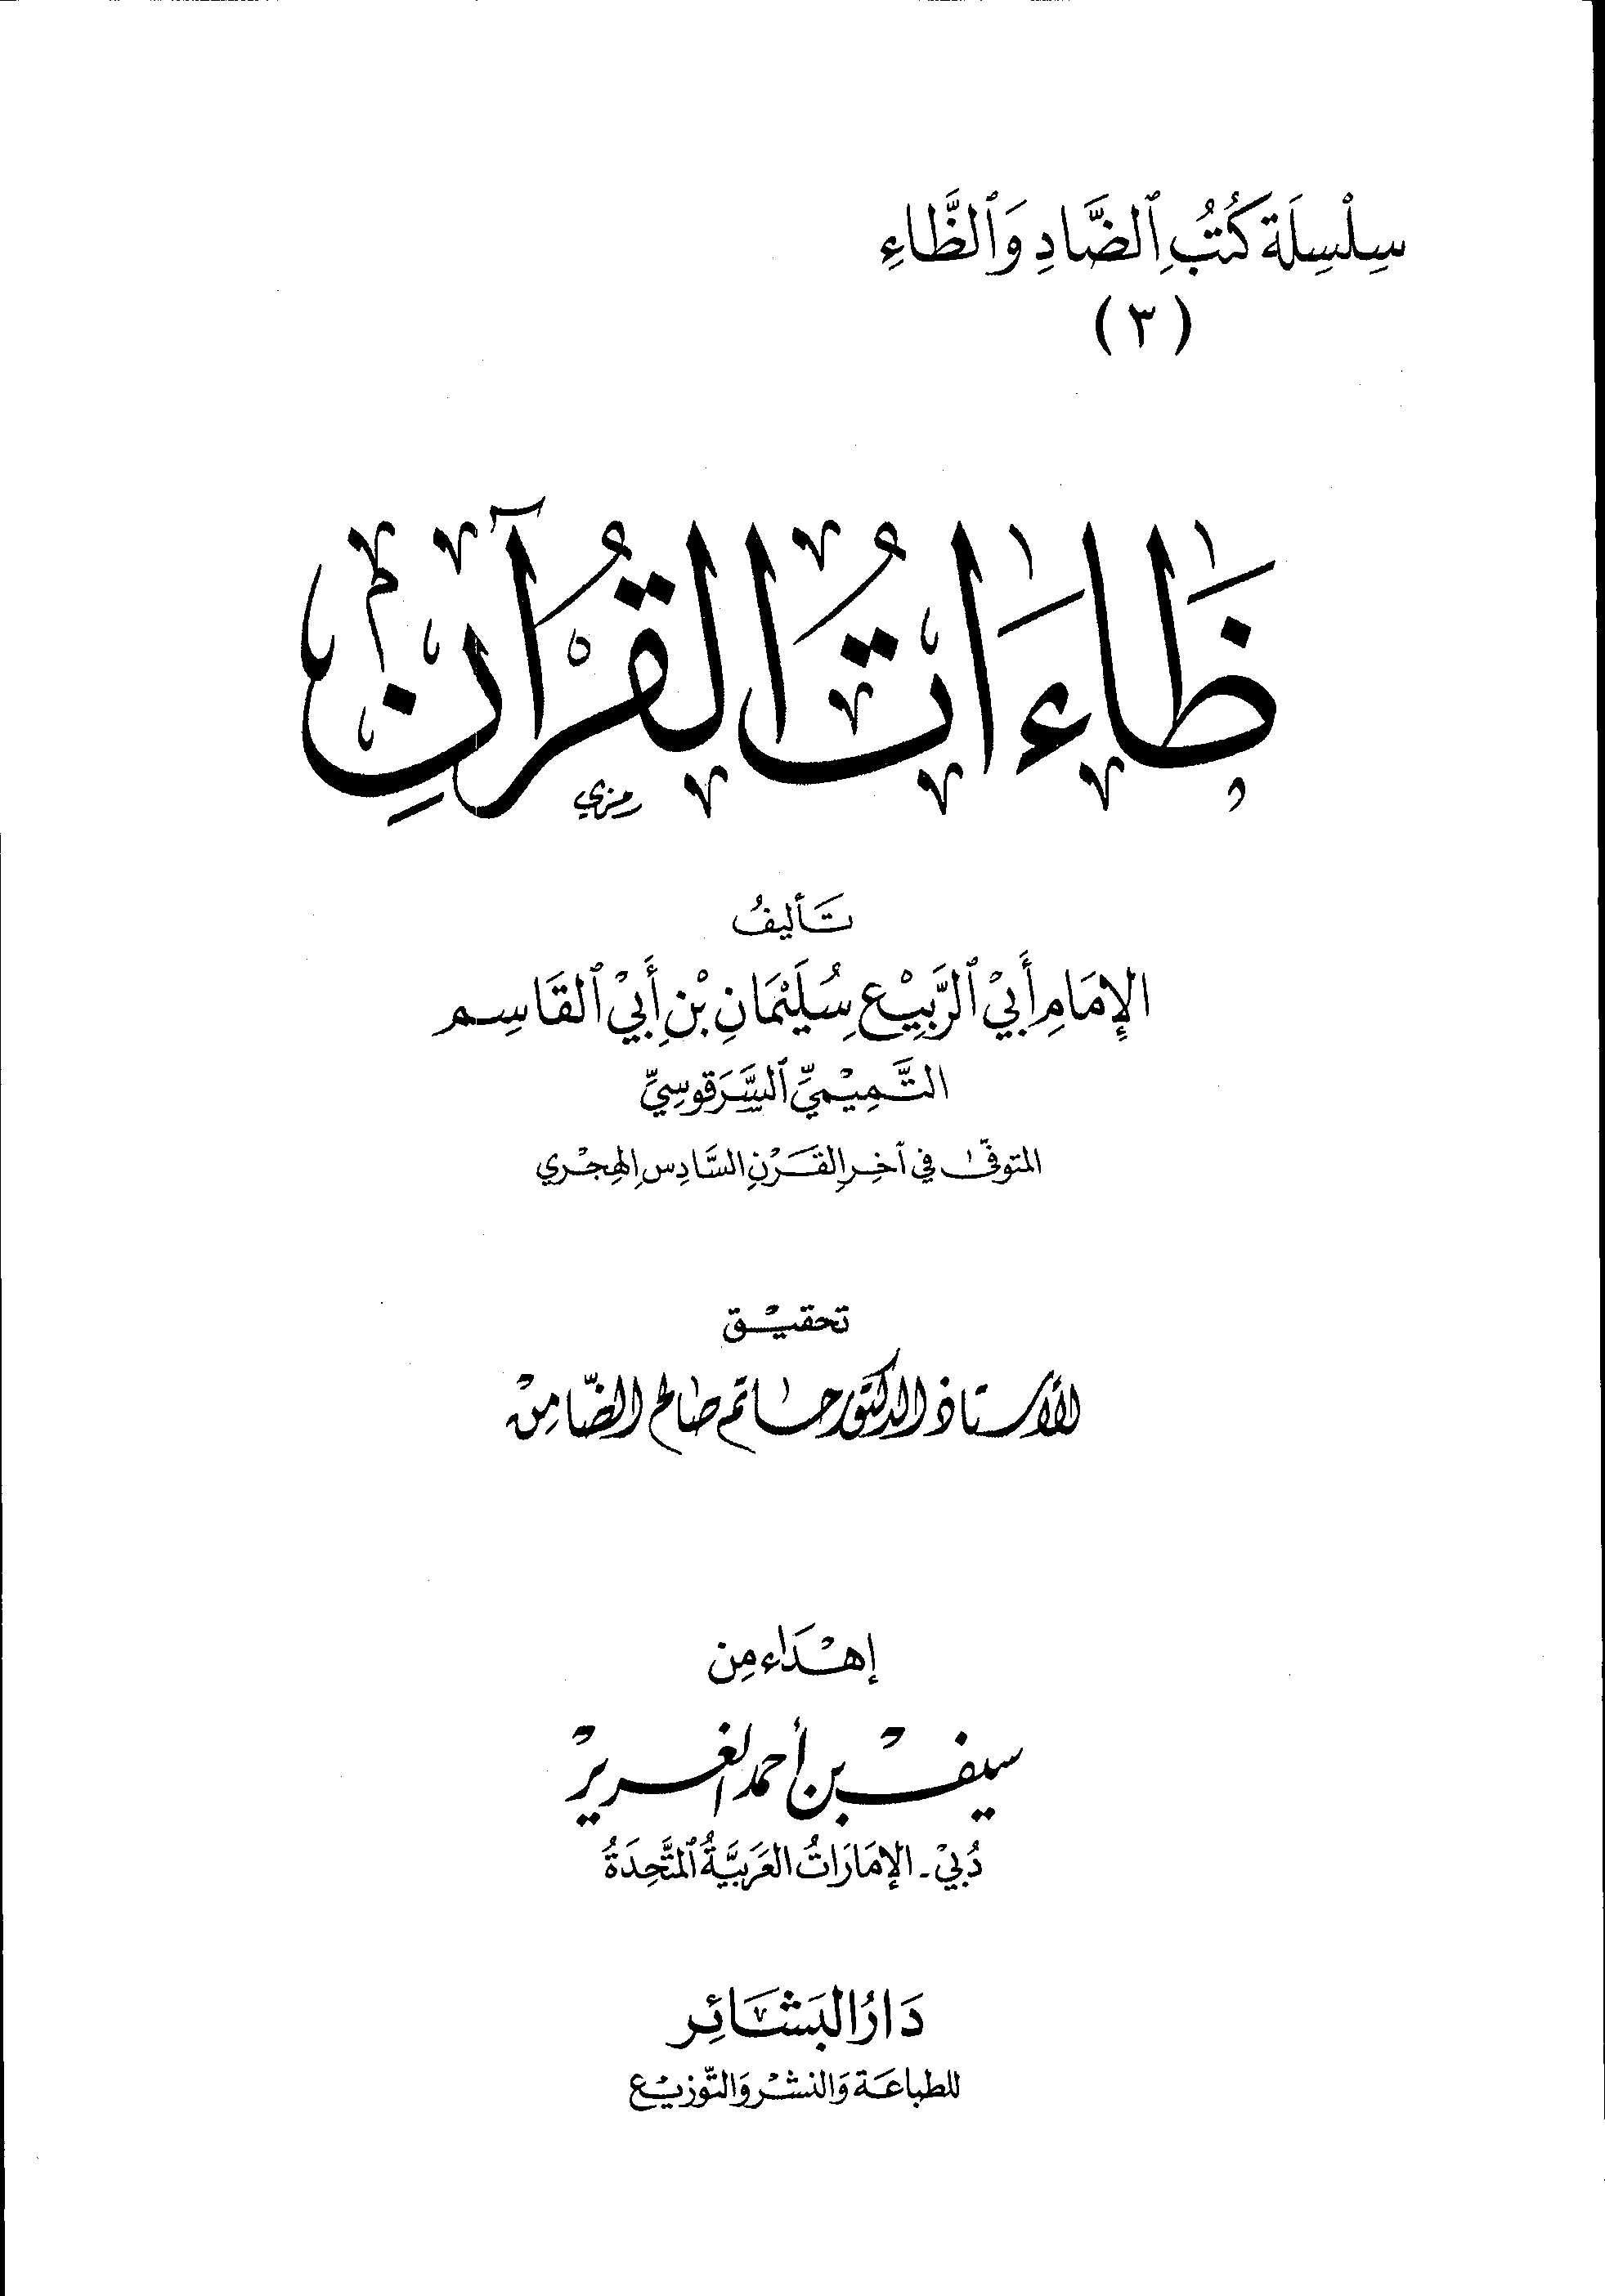 تحميل كتاب ظاءات القرآن لـِ: الإمام أبو الربيع سليمان بن أبي القاسم التميمي السرقوسي